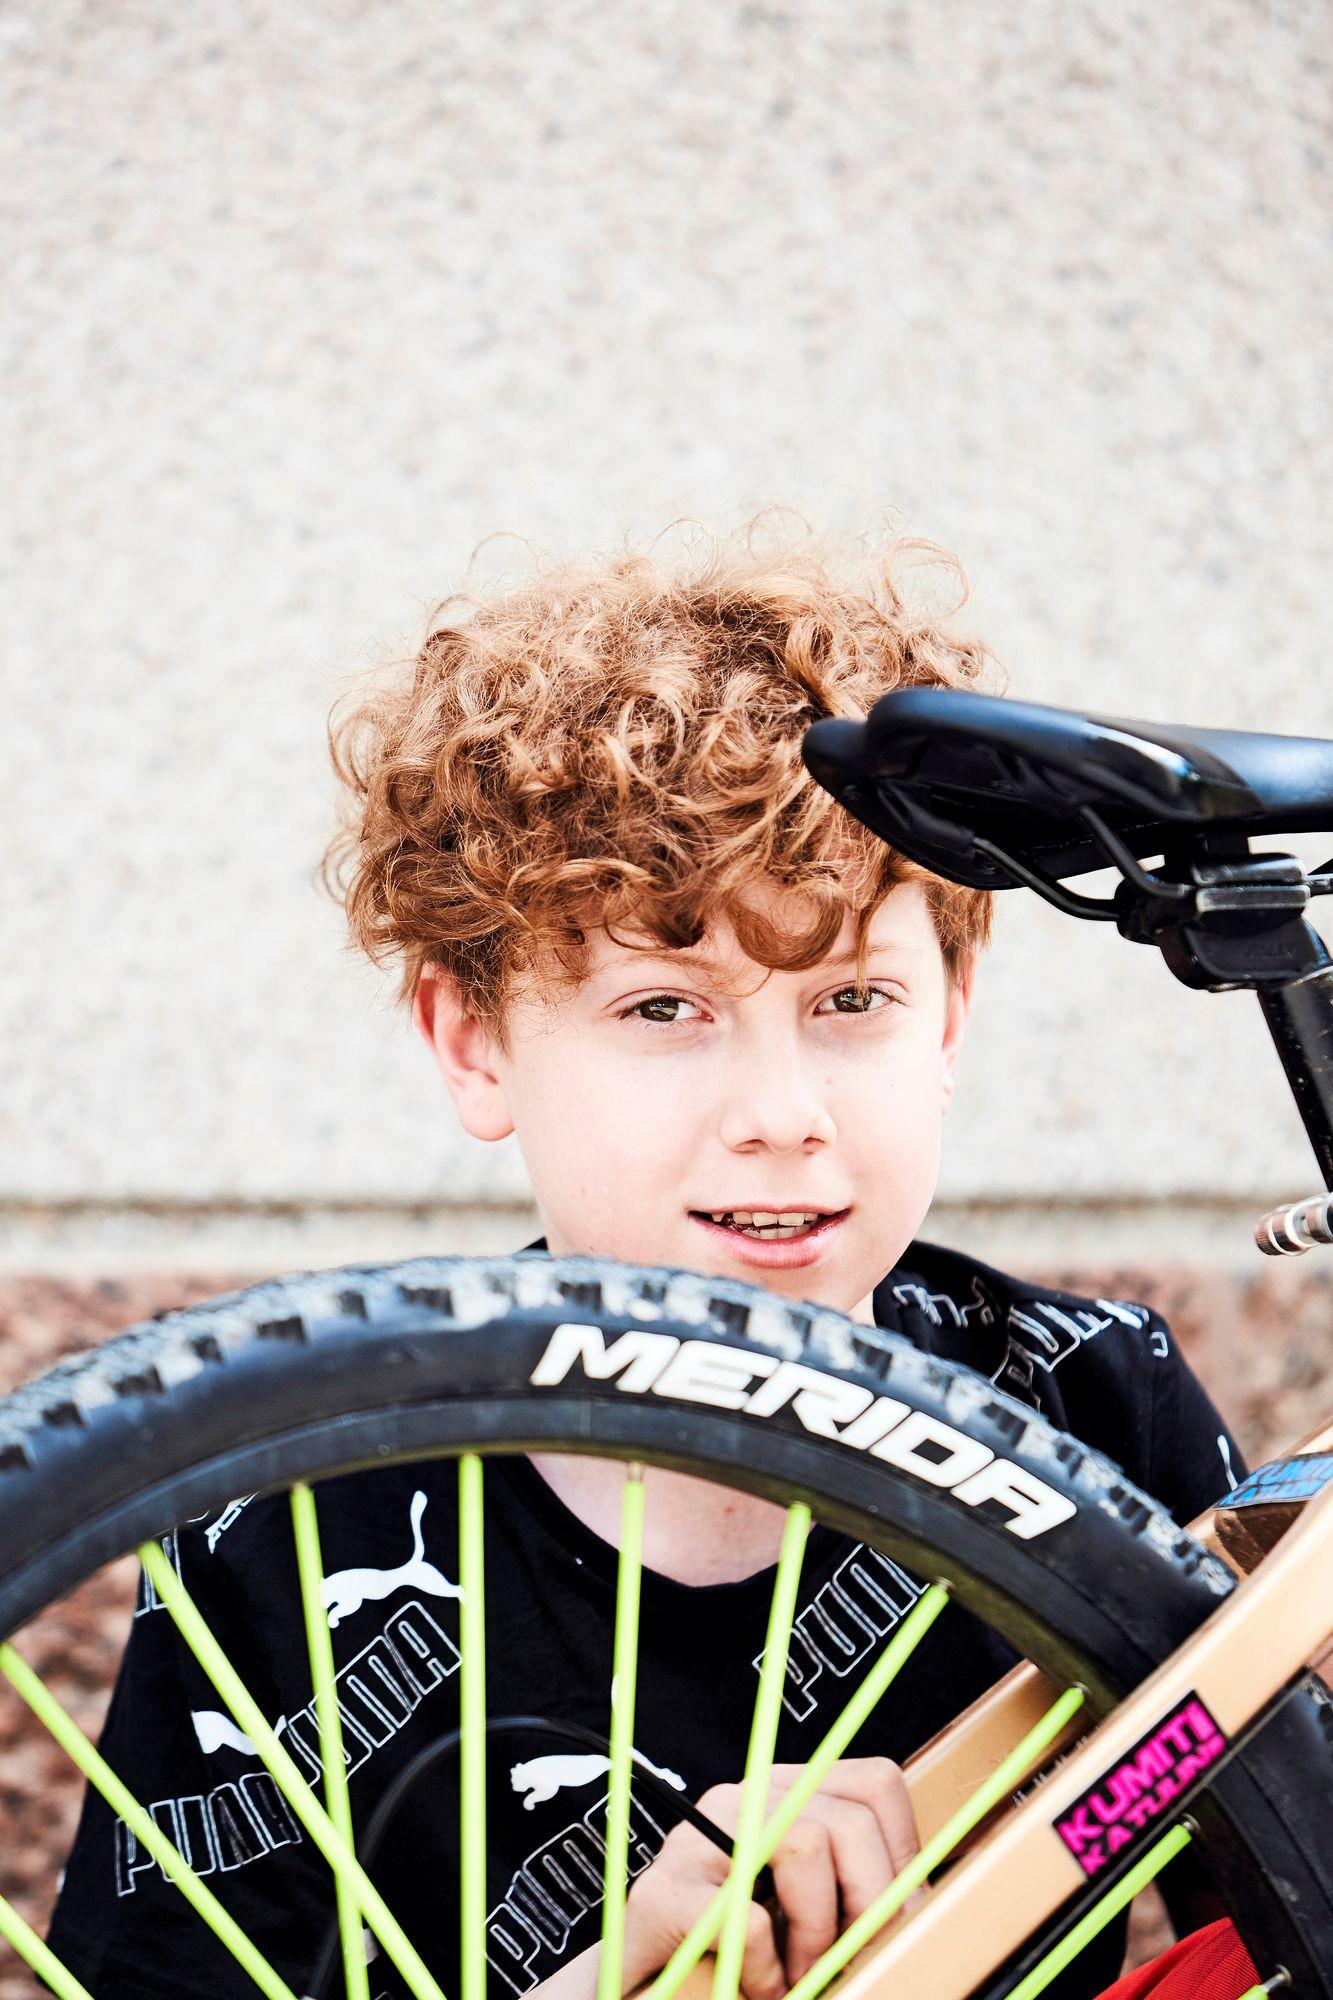 """""""En halua tehdä kalliita pyöriä. Haluan tarjota mahdollisuuden pyörän hankintaan sellaisillekin, joilla on talous tiukalla"""", Vili pohtii. © Sara Pihlaja"""